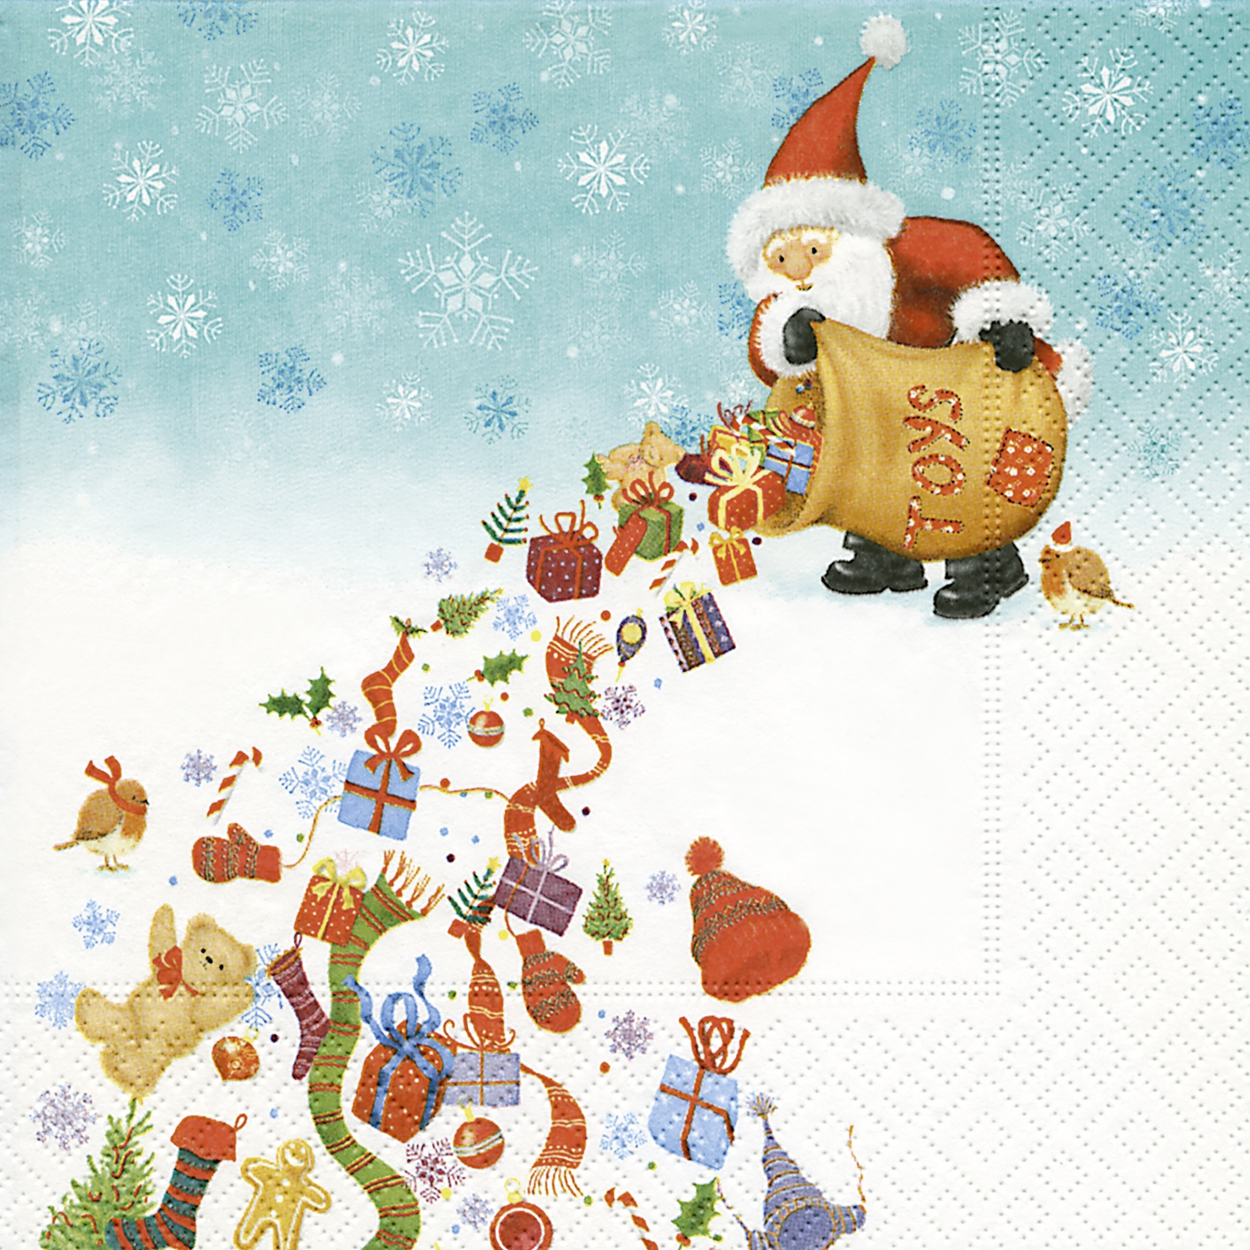 Lunch Servietten santas rain,  Weihnachten - Geschenke,  Weihnachten - Weihnachtsmann,  Weihnachten,  lunchservietten,  Weihnachtsmann,  Geschenke